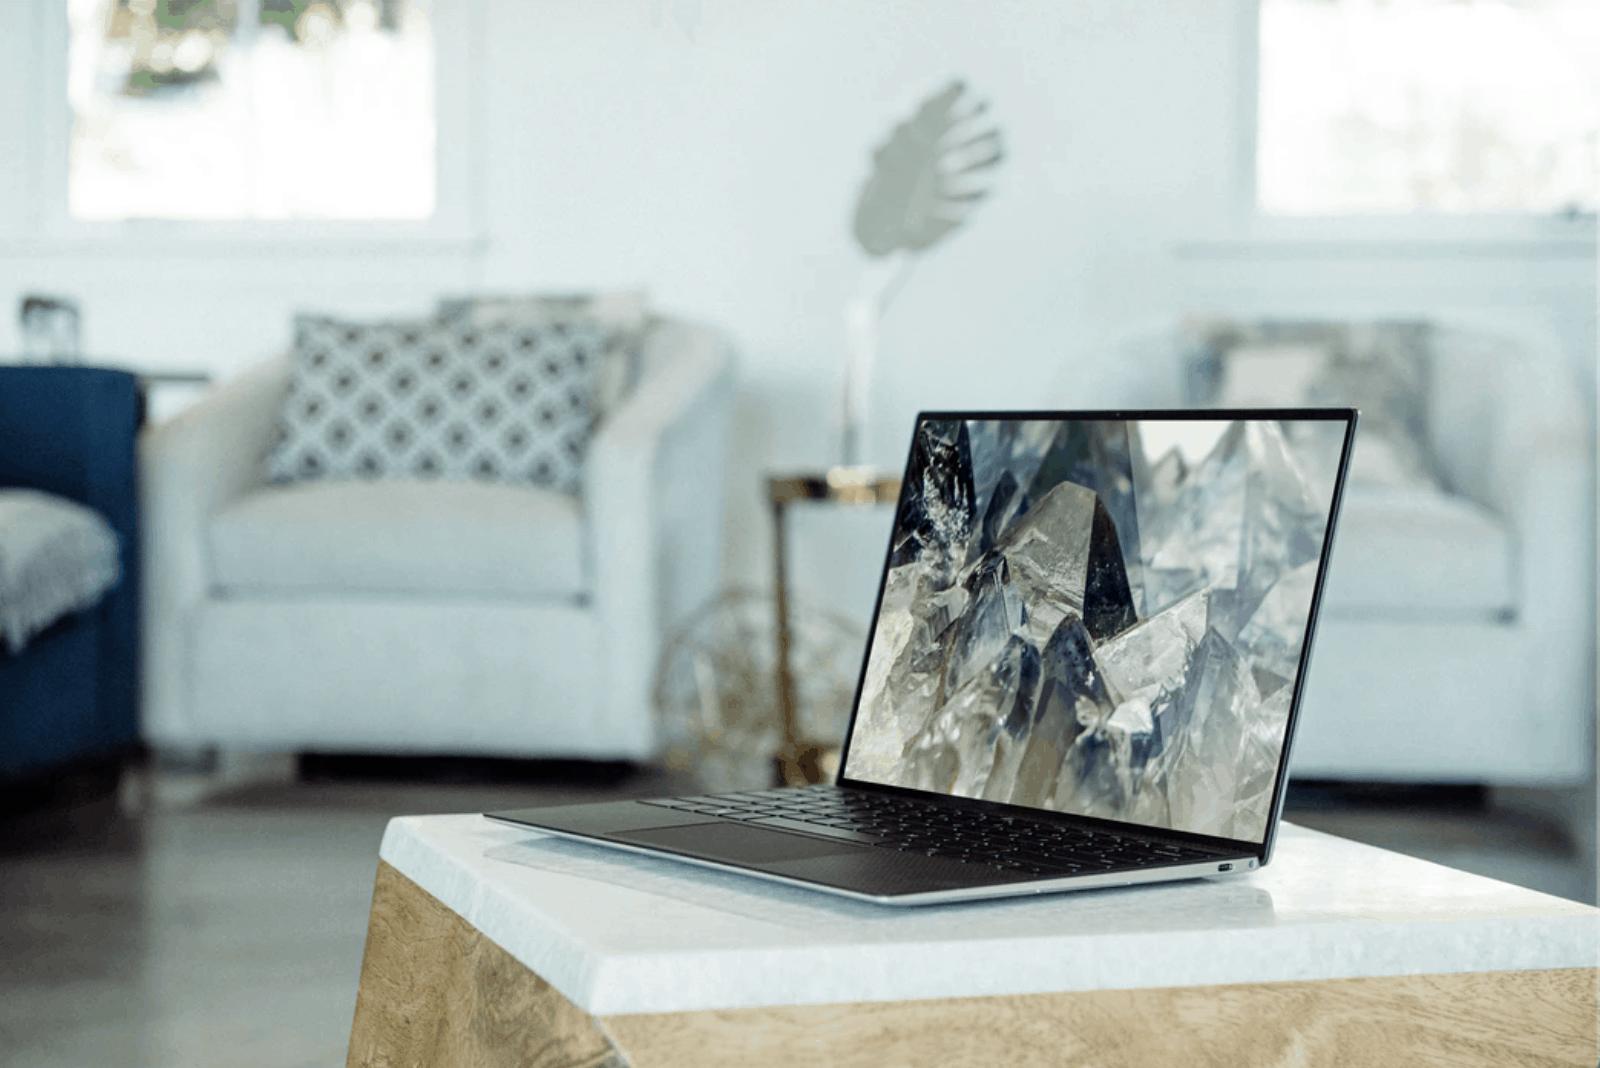 Co się lepiej sprzedaje tanie czy drogie laptopy?